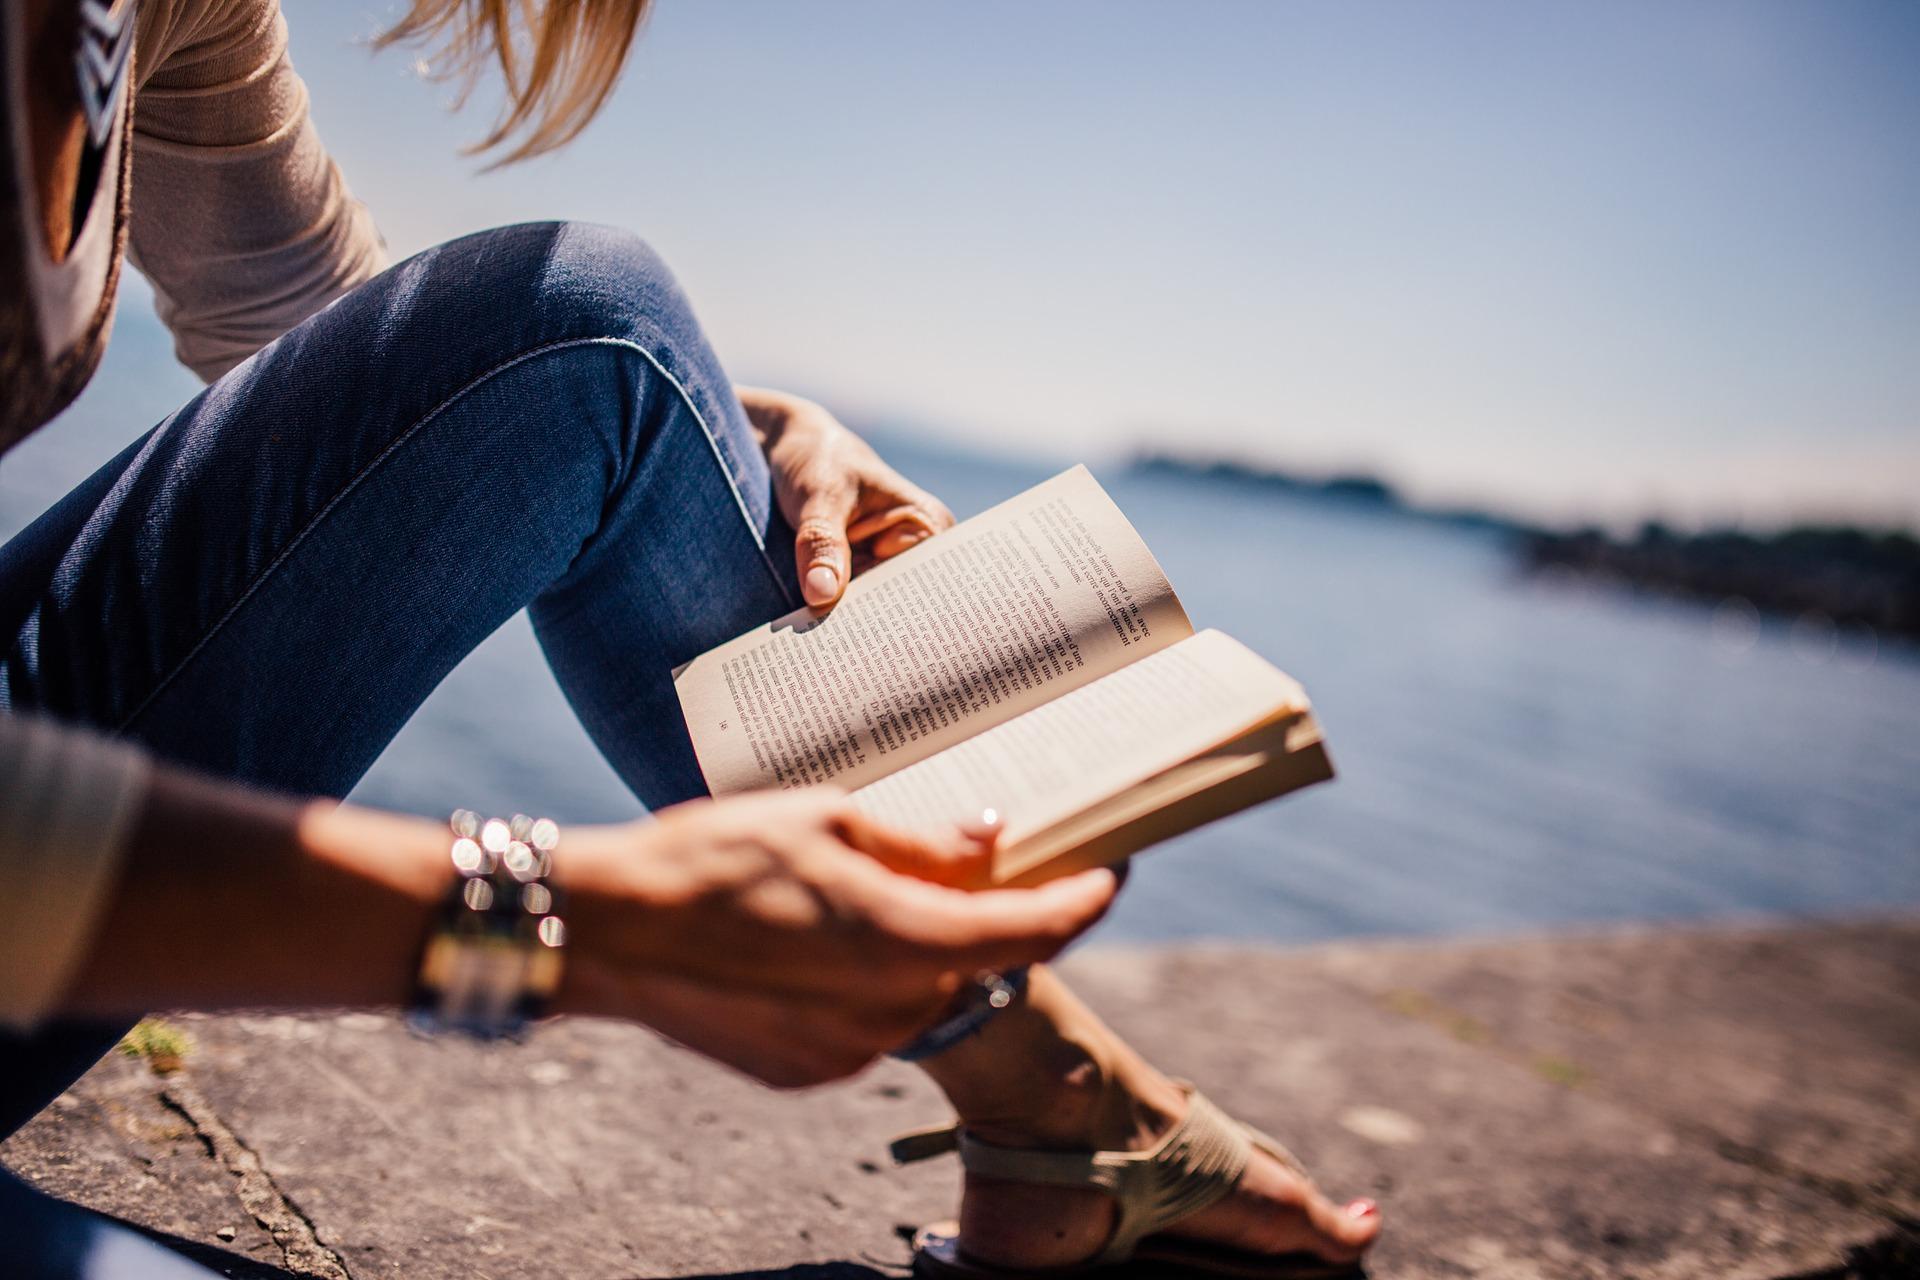 #77 läsa kan förbättra ditt mentala välbefinnande